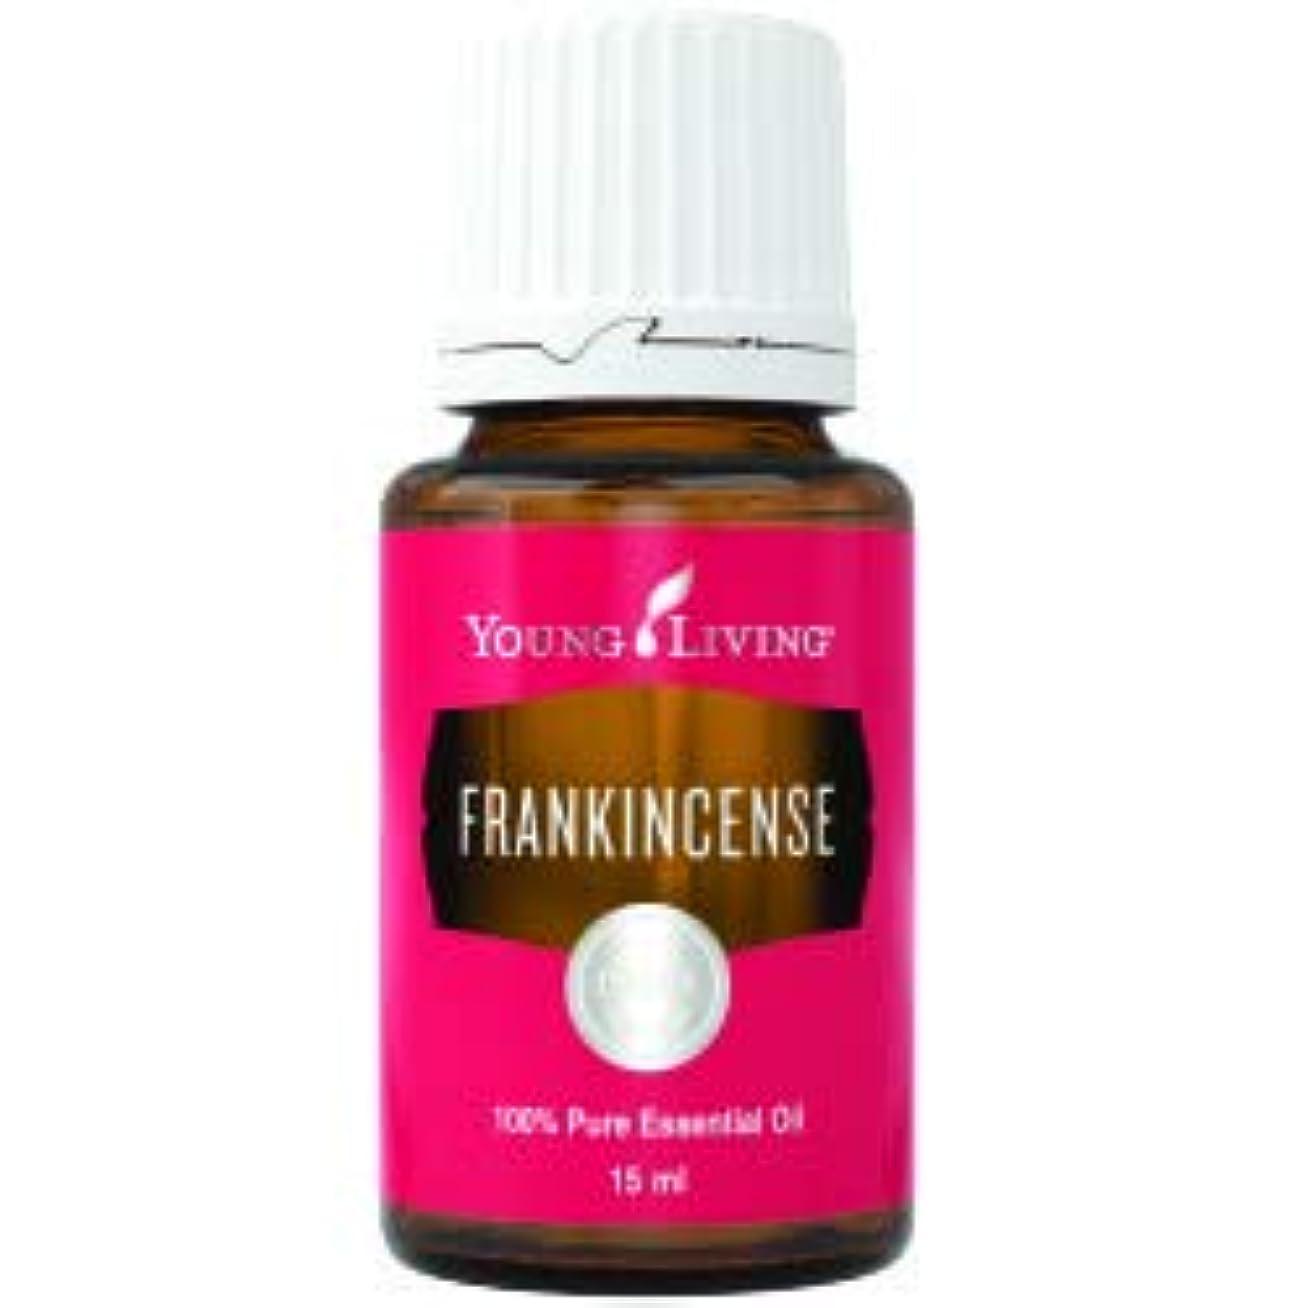 その他出席リンクフランキンセンスエッセンシャルオイル ヤングリビングエッセンシャルオイルマレーシア15ml Frankincense Essential Oil 15ml by Young Living Essential Oil Malaysia